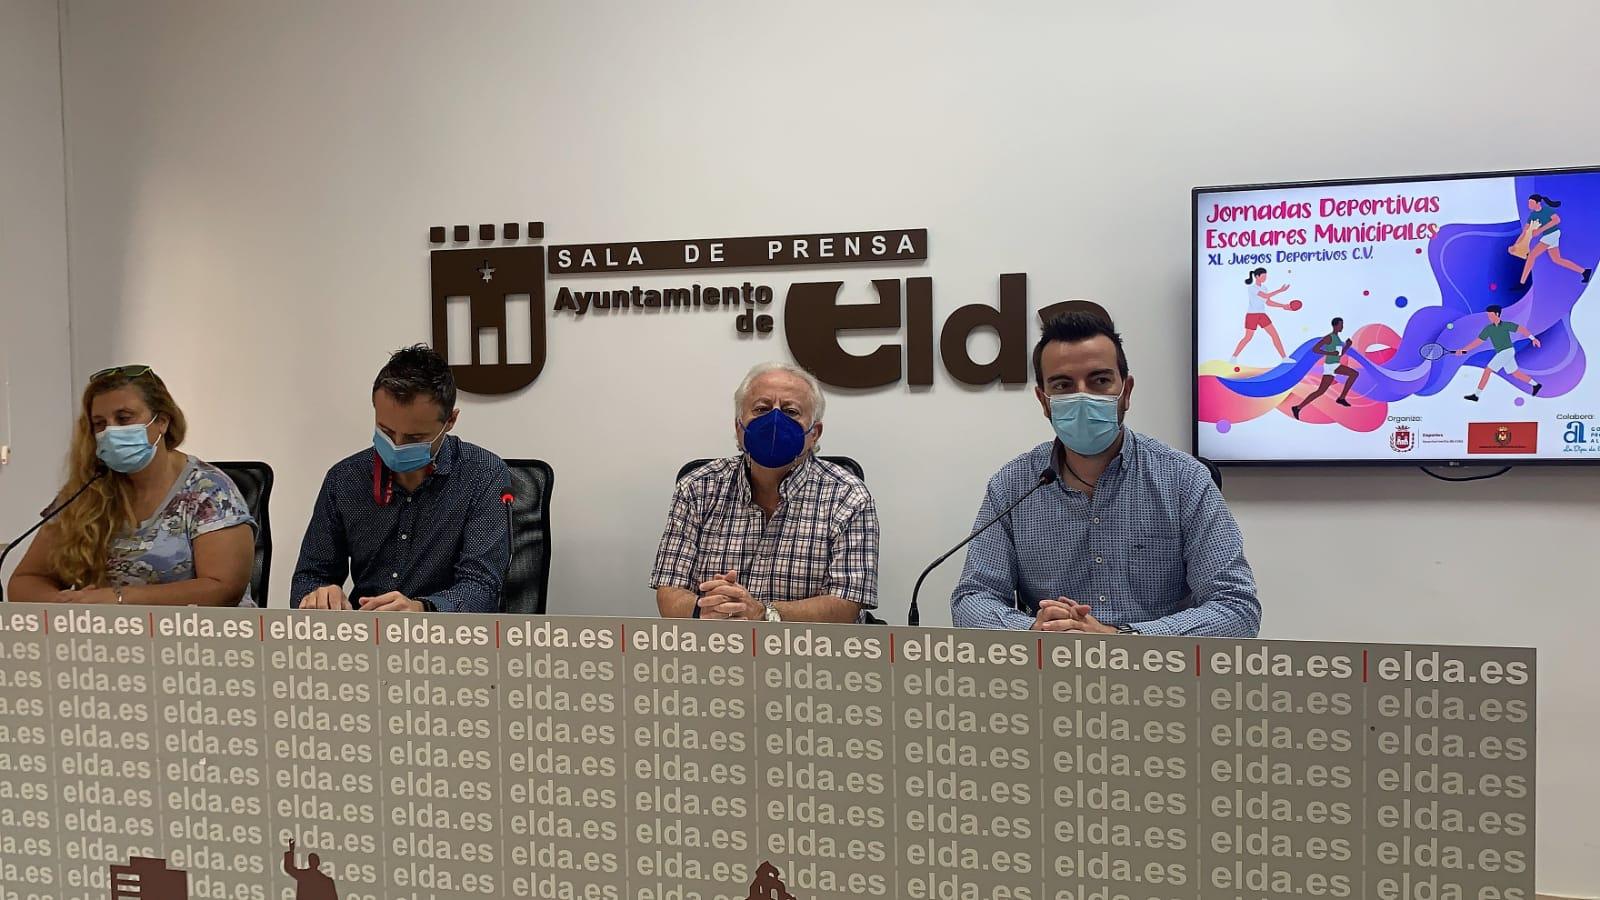 El Ayuntamiento de Elda retoma los Juegos Deportivos Escolares con el inicio de las competiciones a partir del mes de noviembre